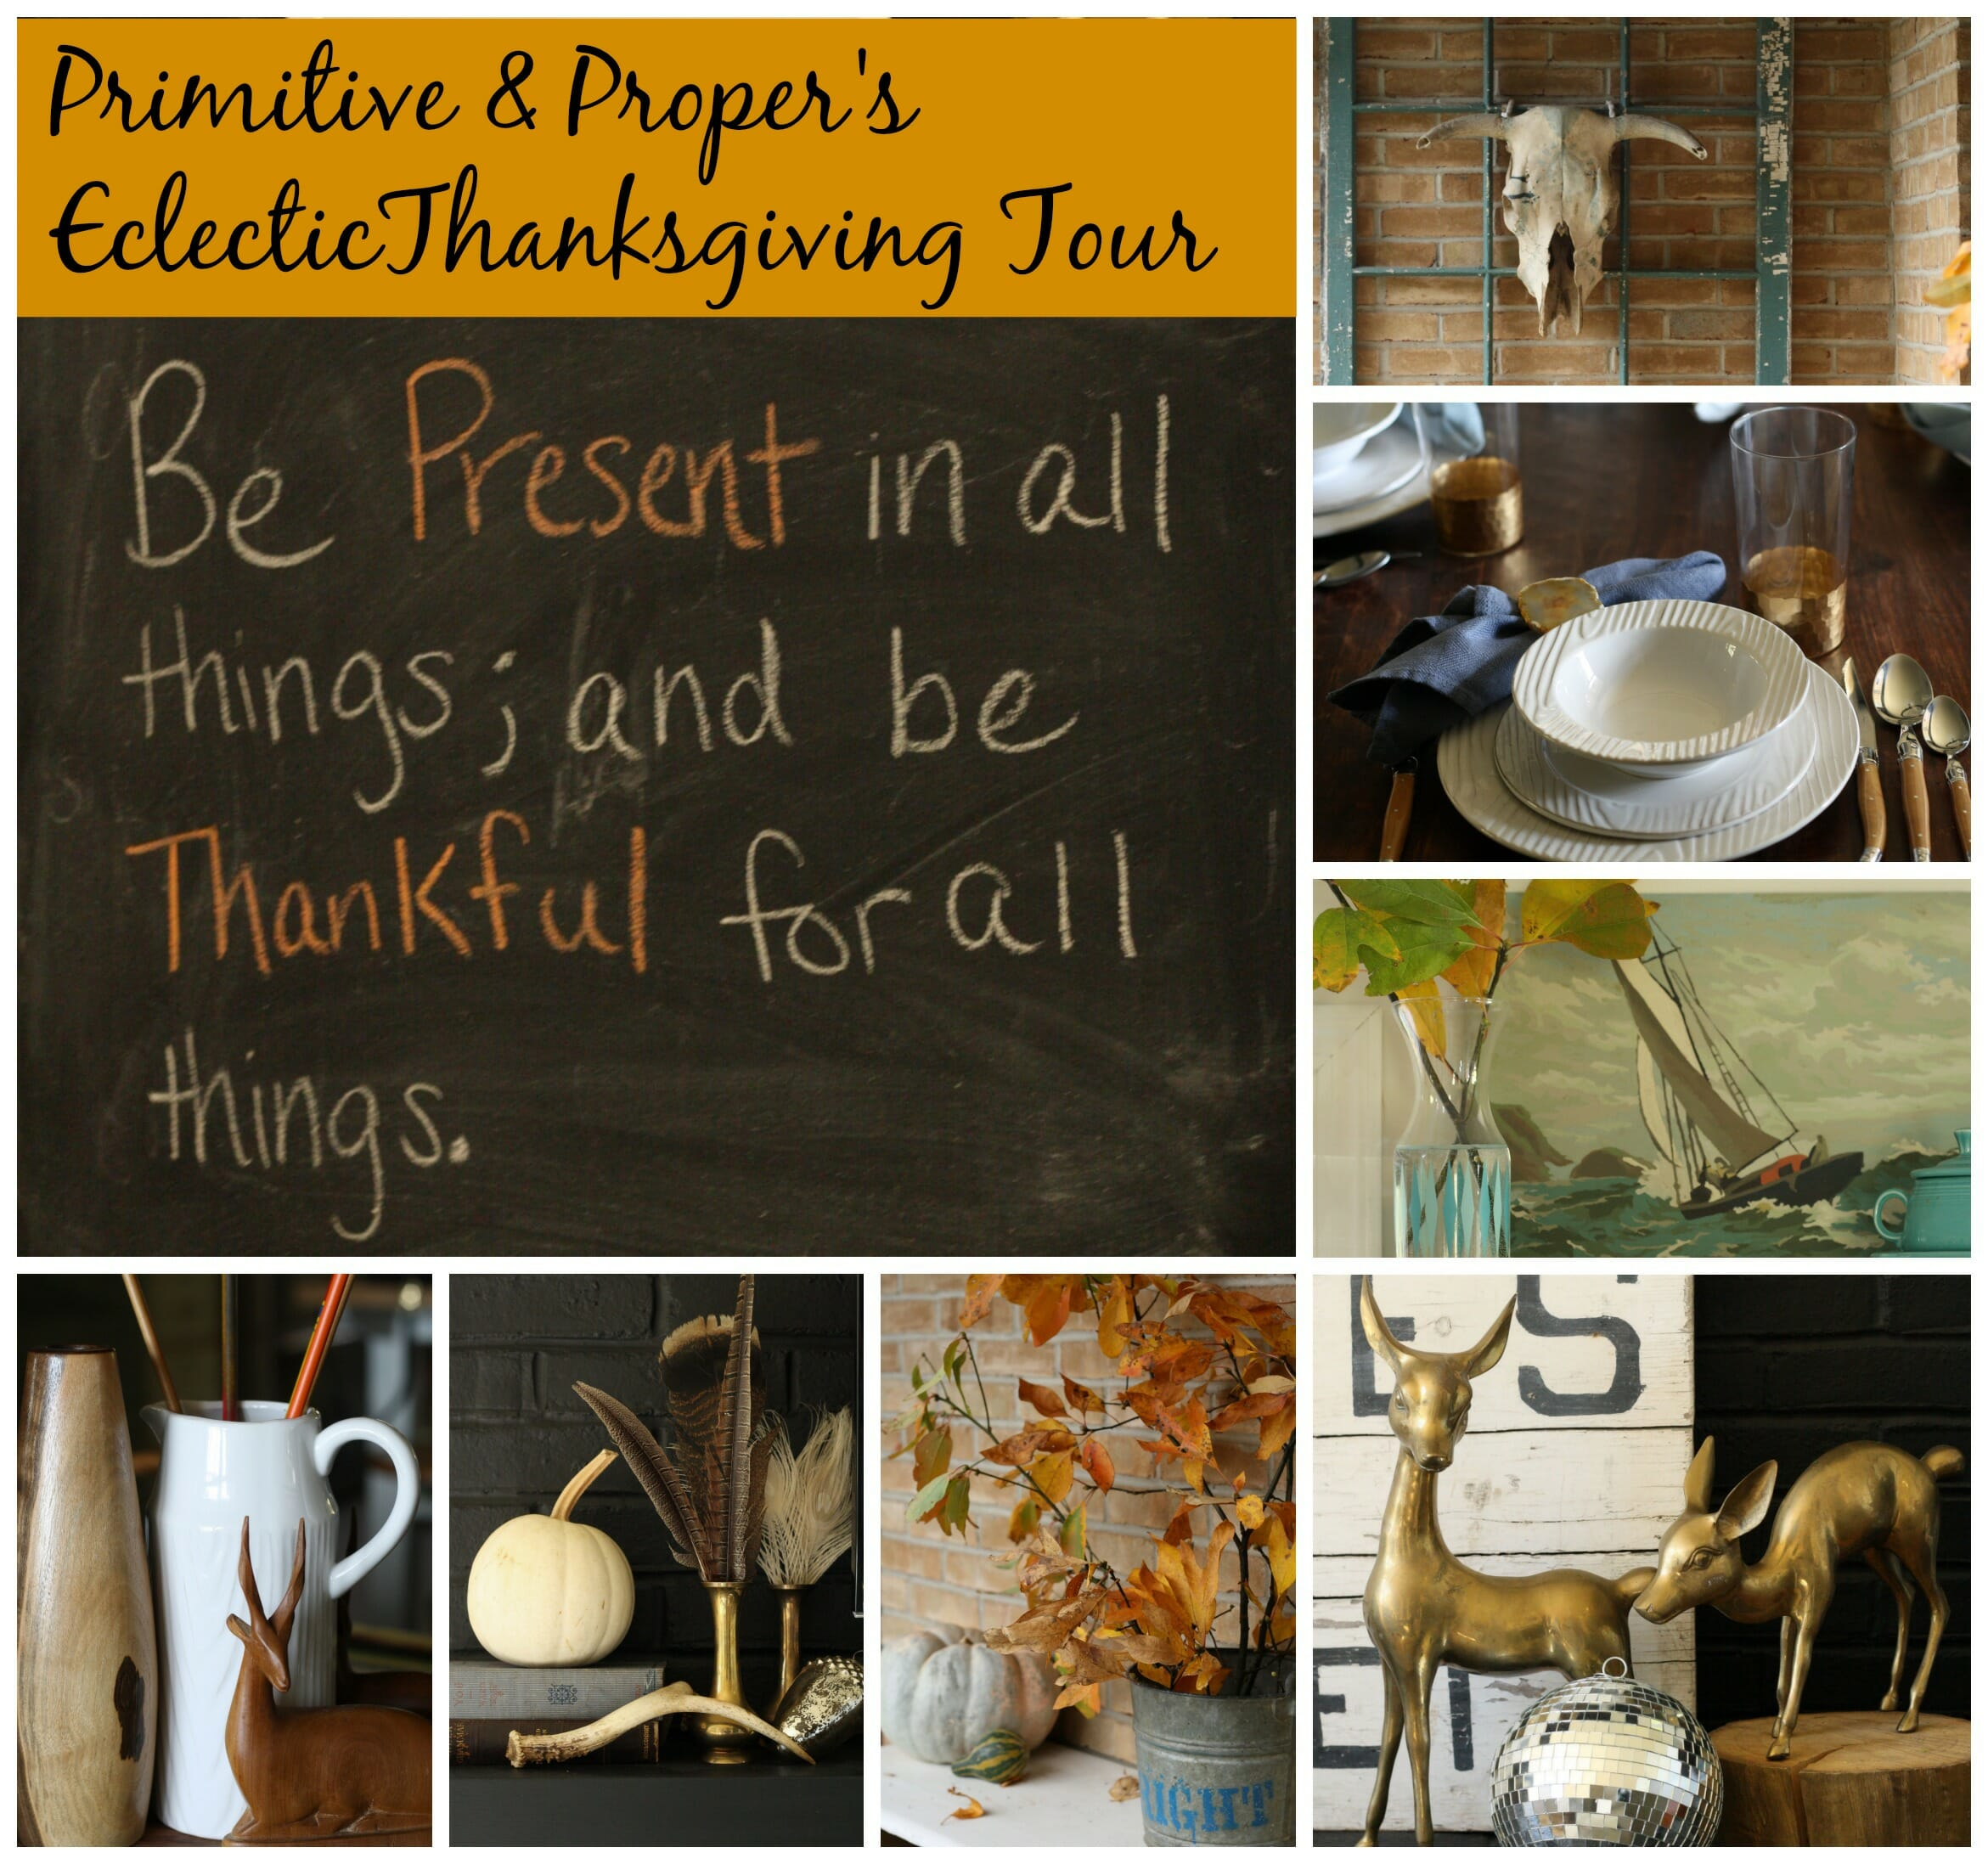 Eclectic Thanksgiving Tour at Primitive & Proper